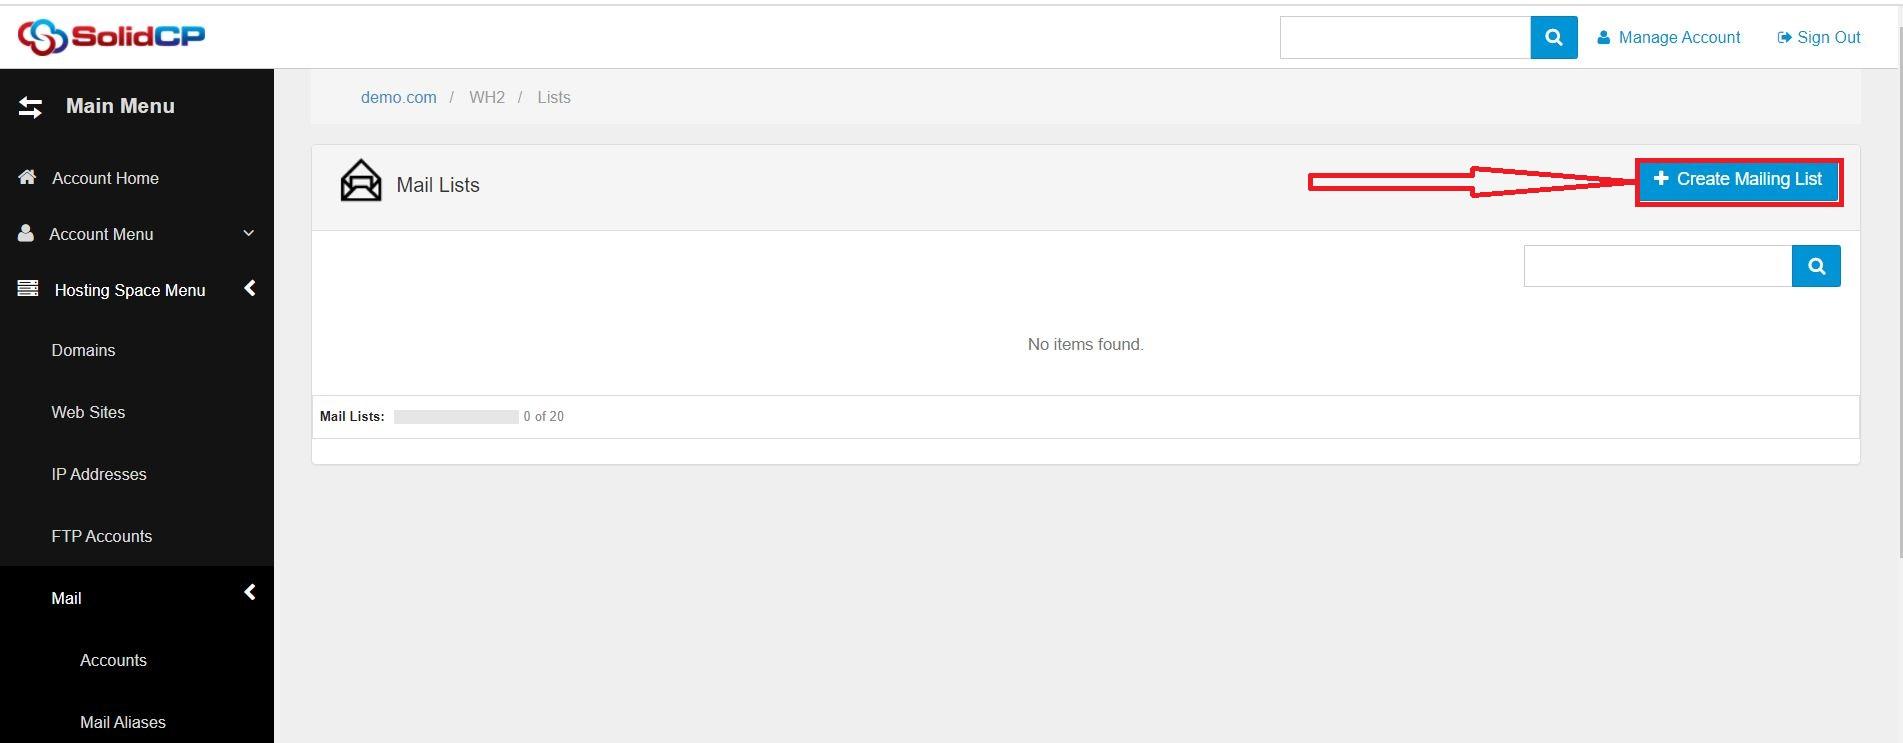 ایجاد mailing list در SolidCP هاست ویندوز